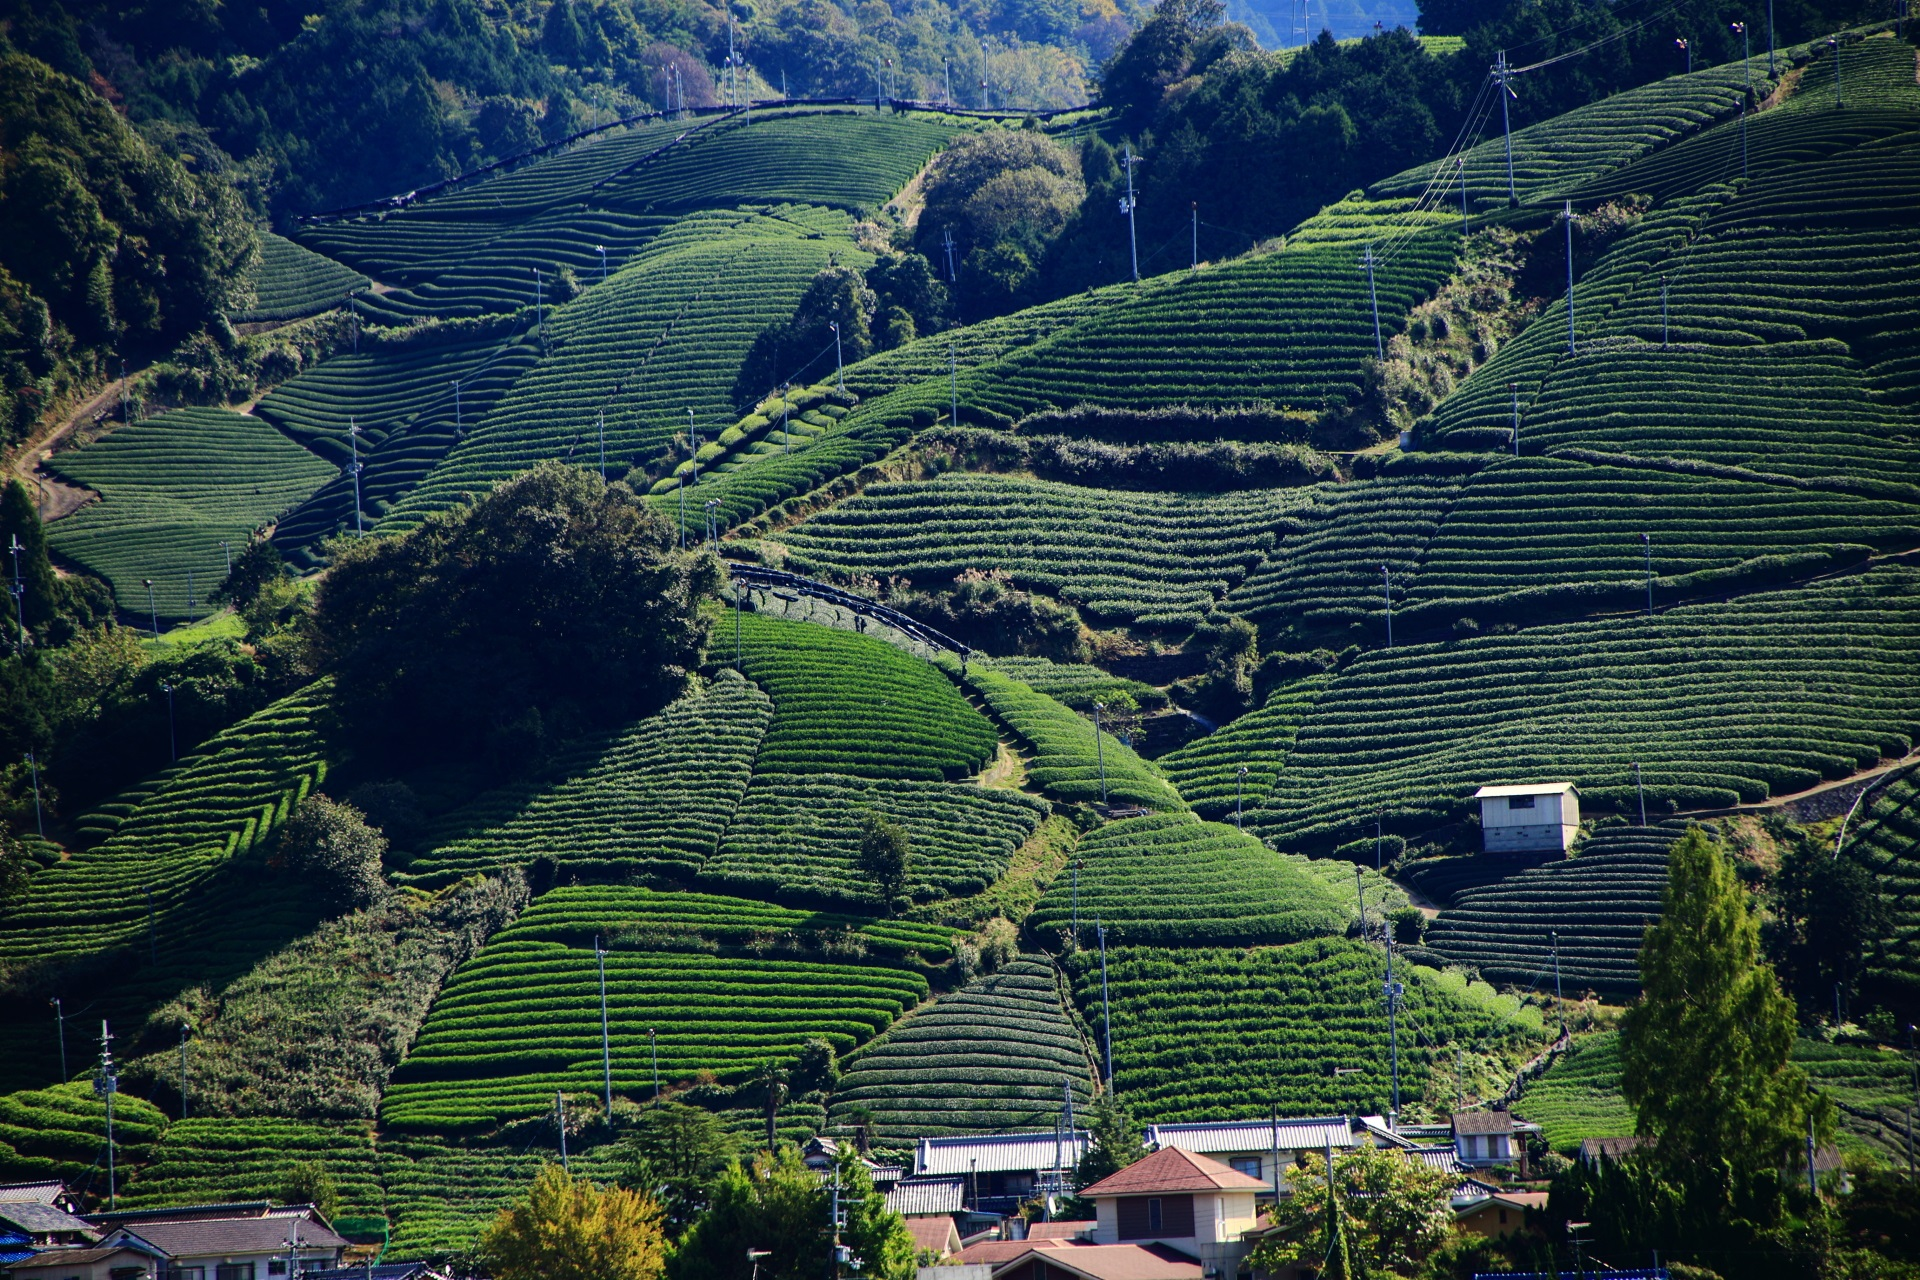 いろんな形のお茶畑が密集する釜塚地区